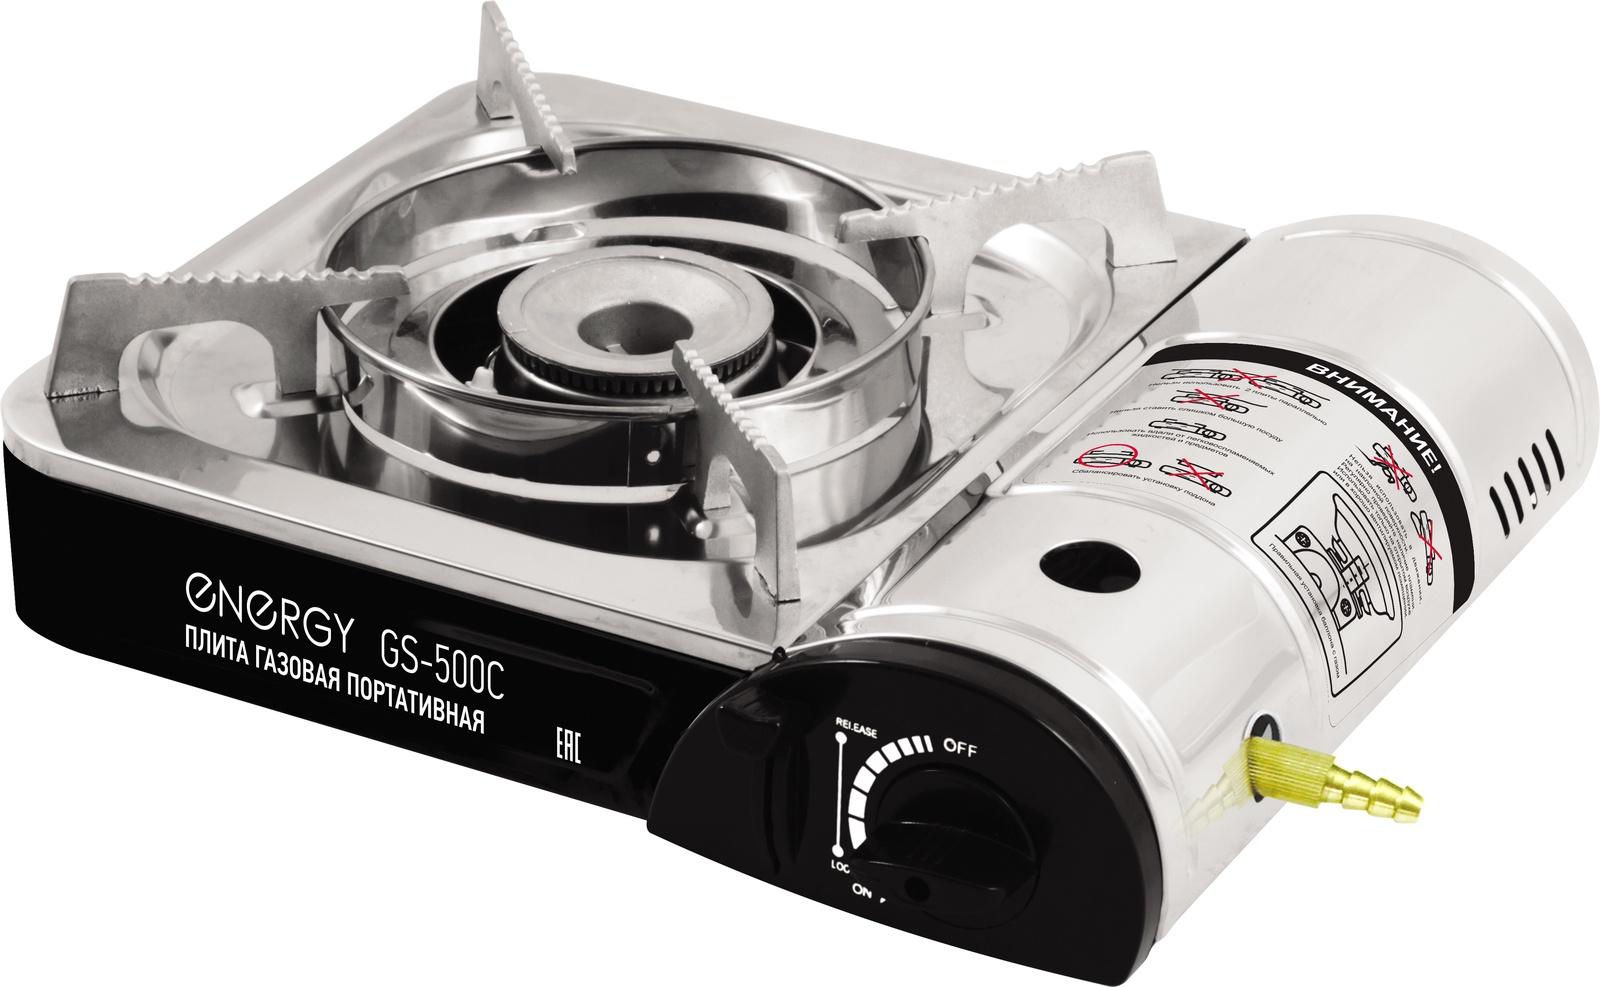 Походная газовая плита ENERGY GS-500C lexus trike original rt next deluxe высокая спинка розовый